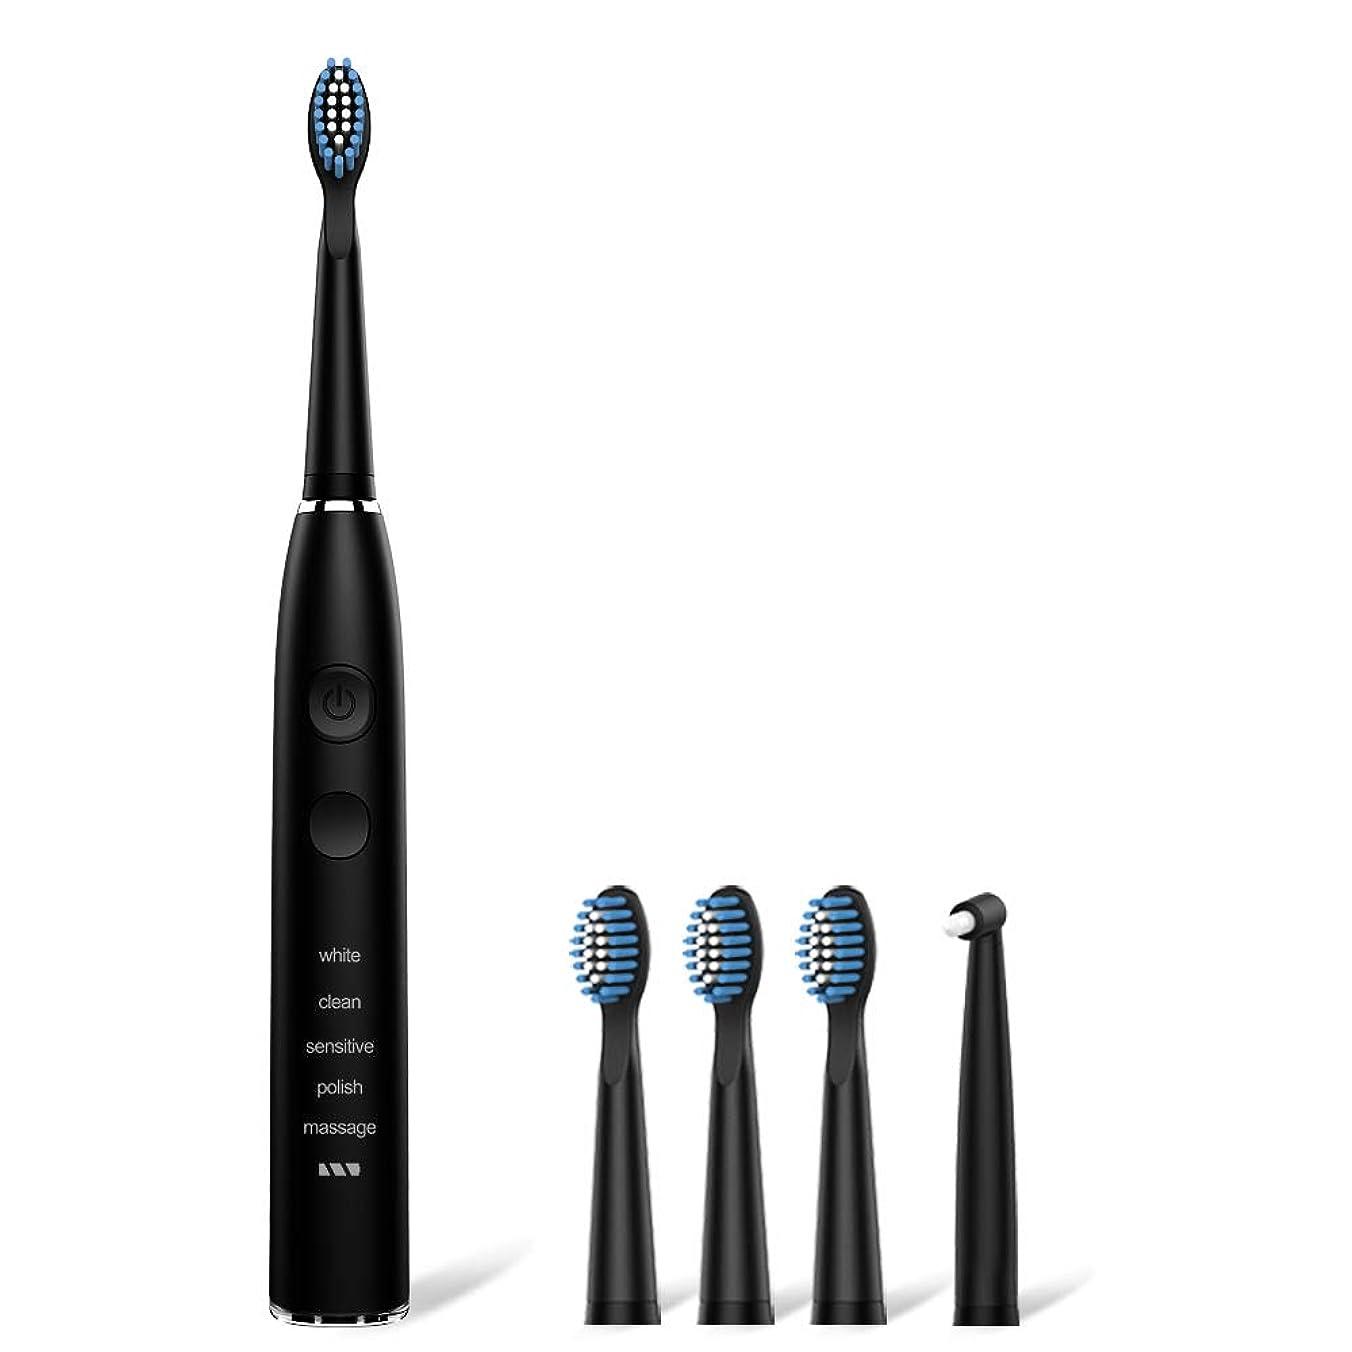 メタリックリフトマエストロ電動歯ブラシ seago 音波歯ブラシ USB充電式8時間 180日に使用 IPX7防水 五つモードと2分オートタイマー機能搭載 替えブラシ5本 12ヶ月メーカー保証(黒)